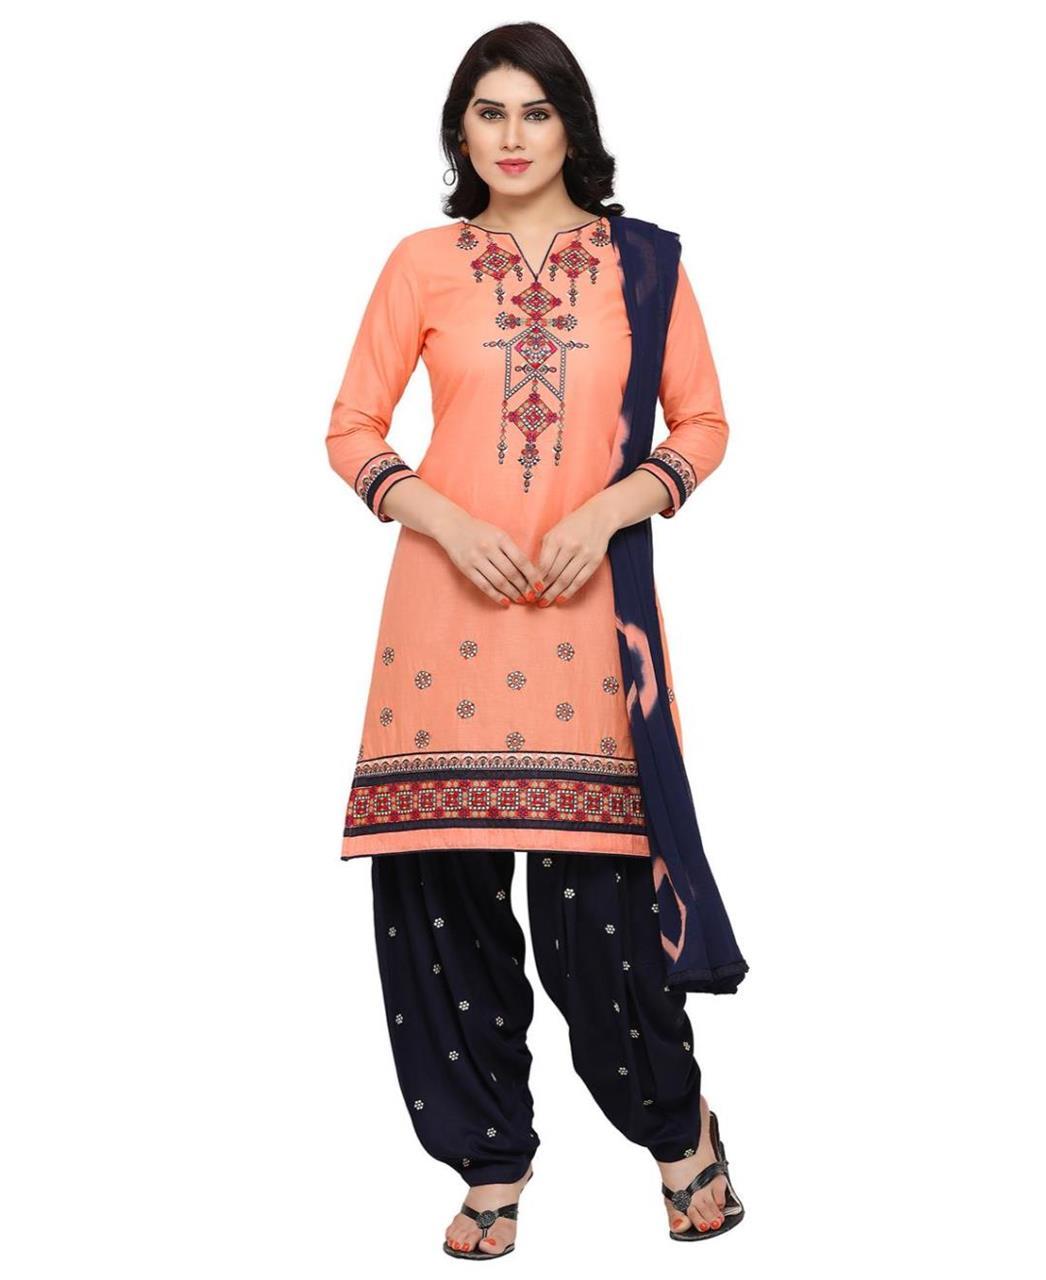 Printed Cotton PeachPuff Patiyala Suit Salwar